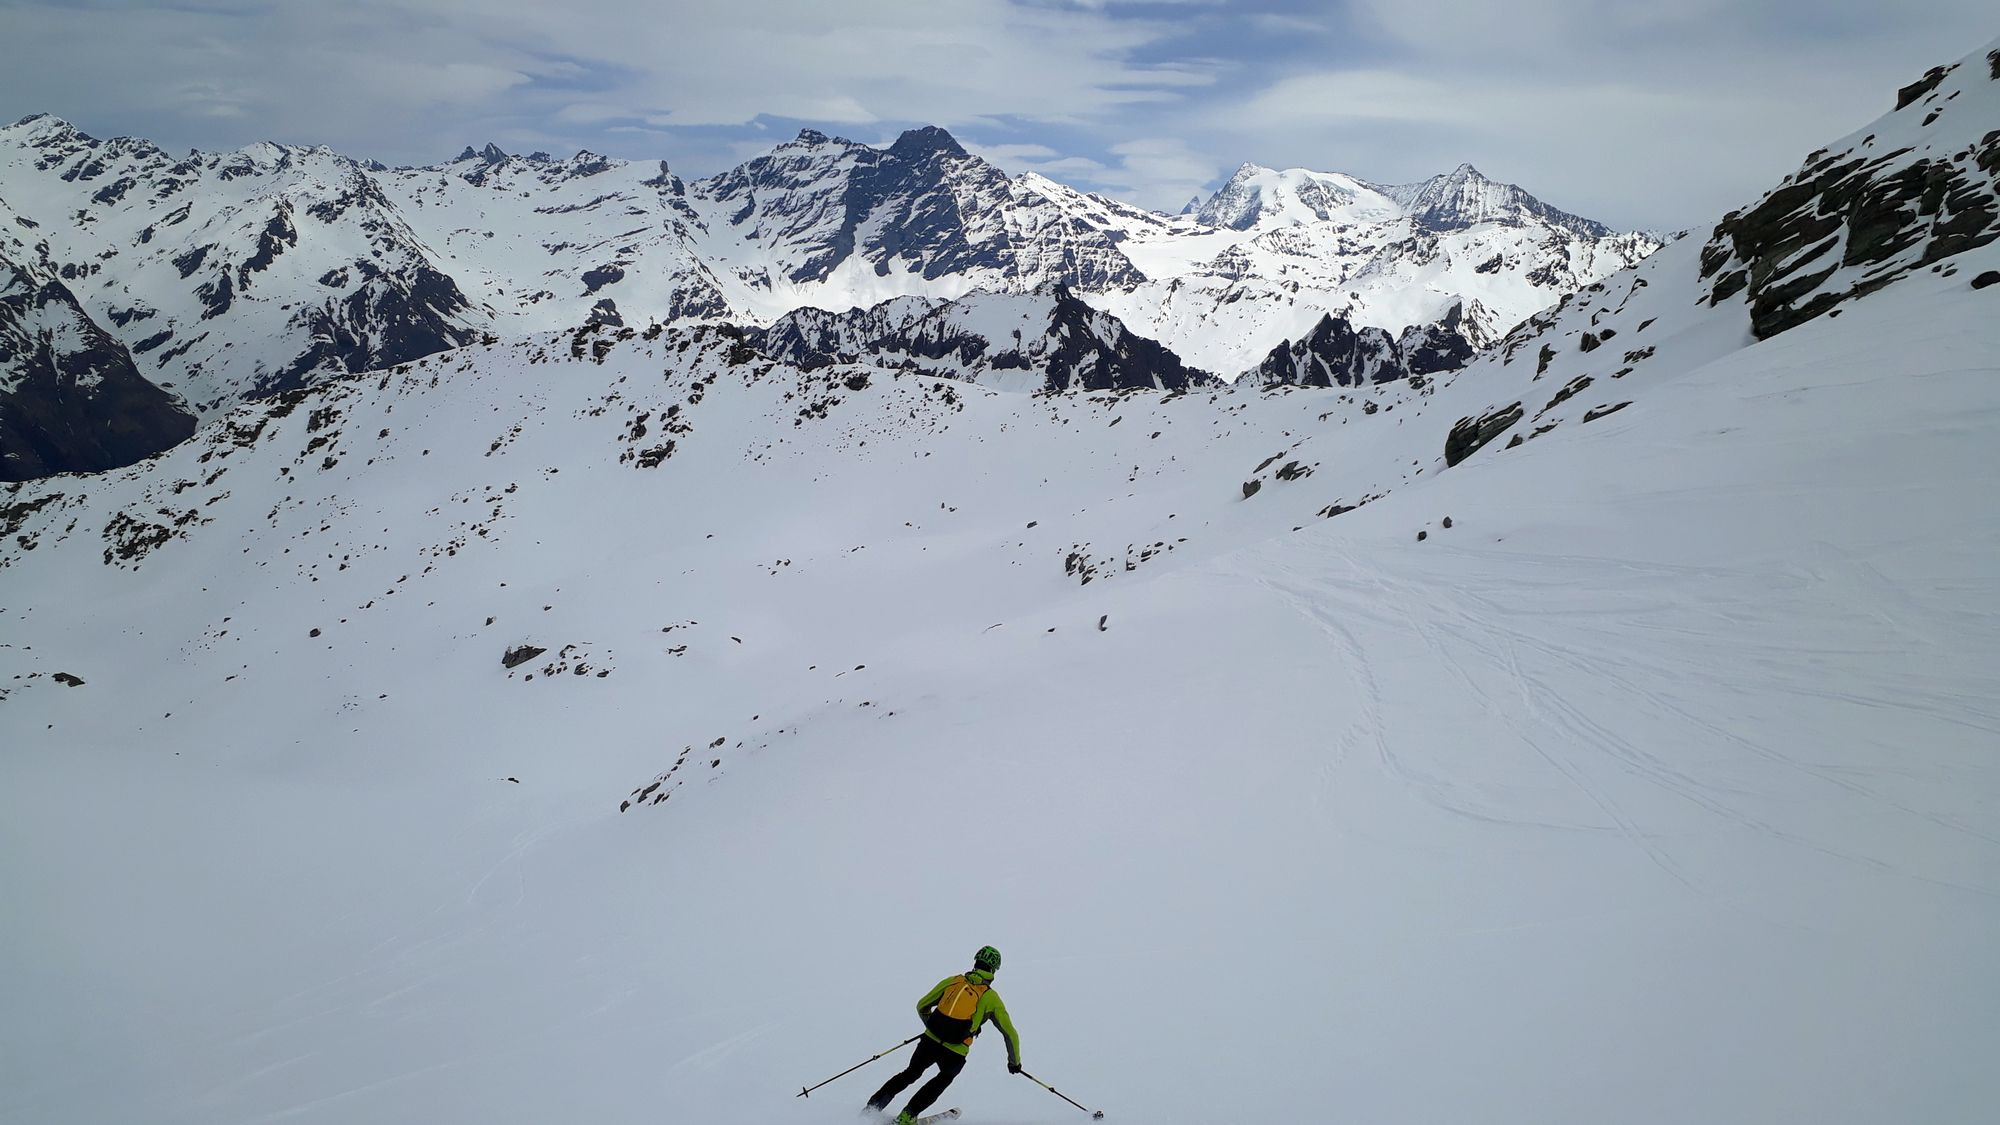 14 Na chvíľu sa ukáže aj špic Matterhornu